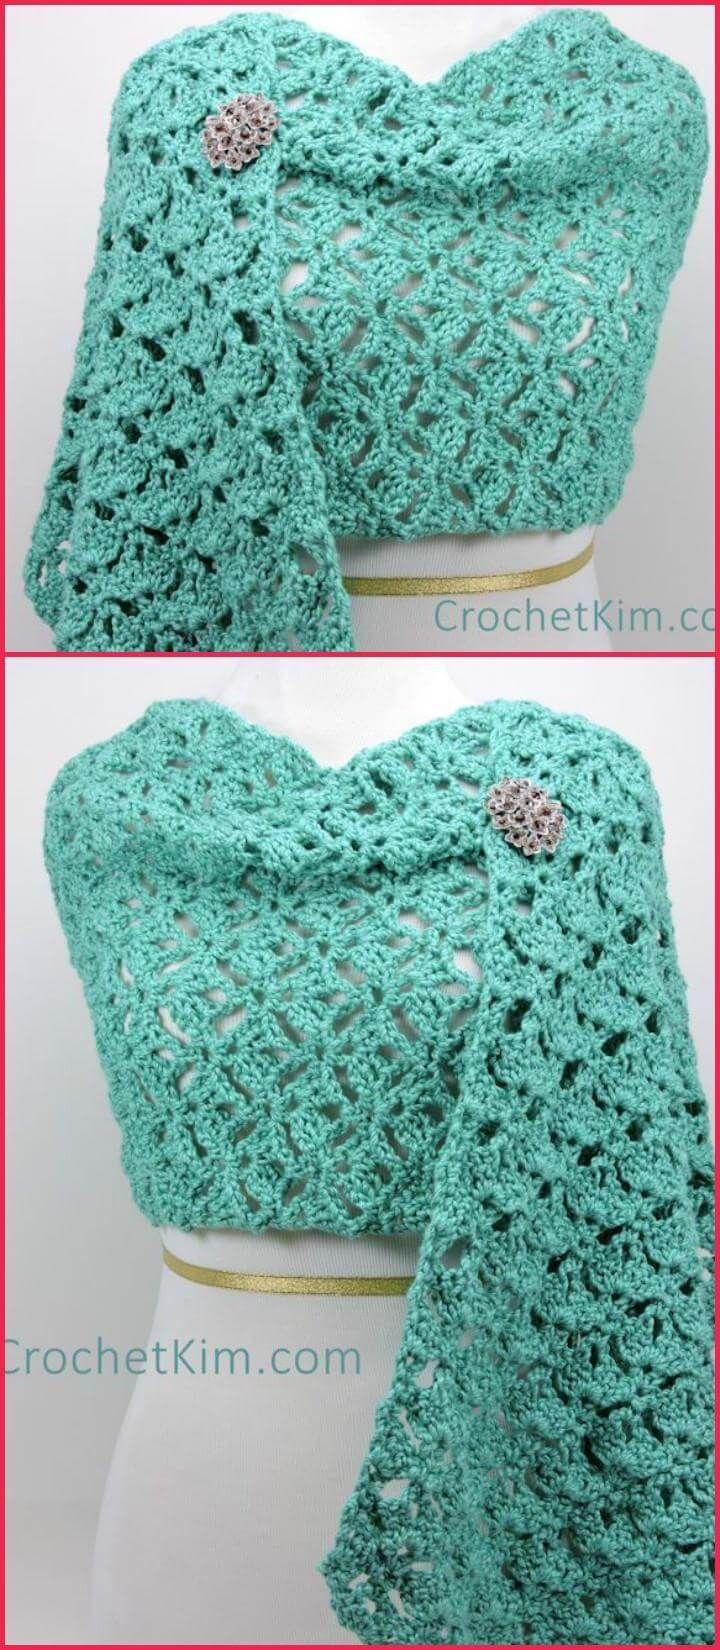 100 Free Crochet Shawl Patterns - Free Crochet Patterns | Pinterest